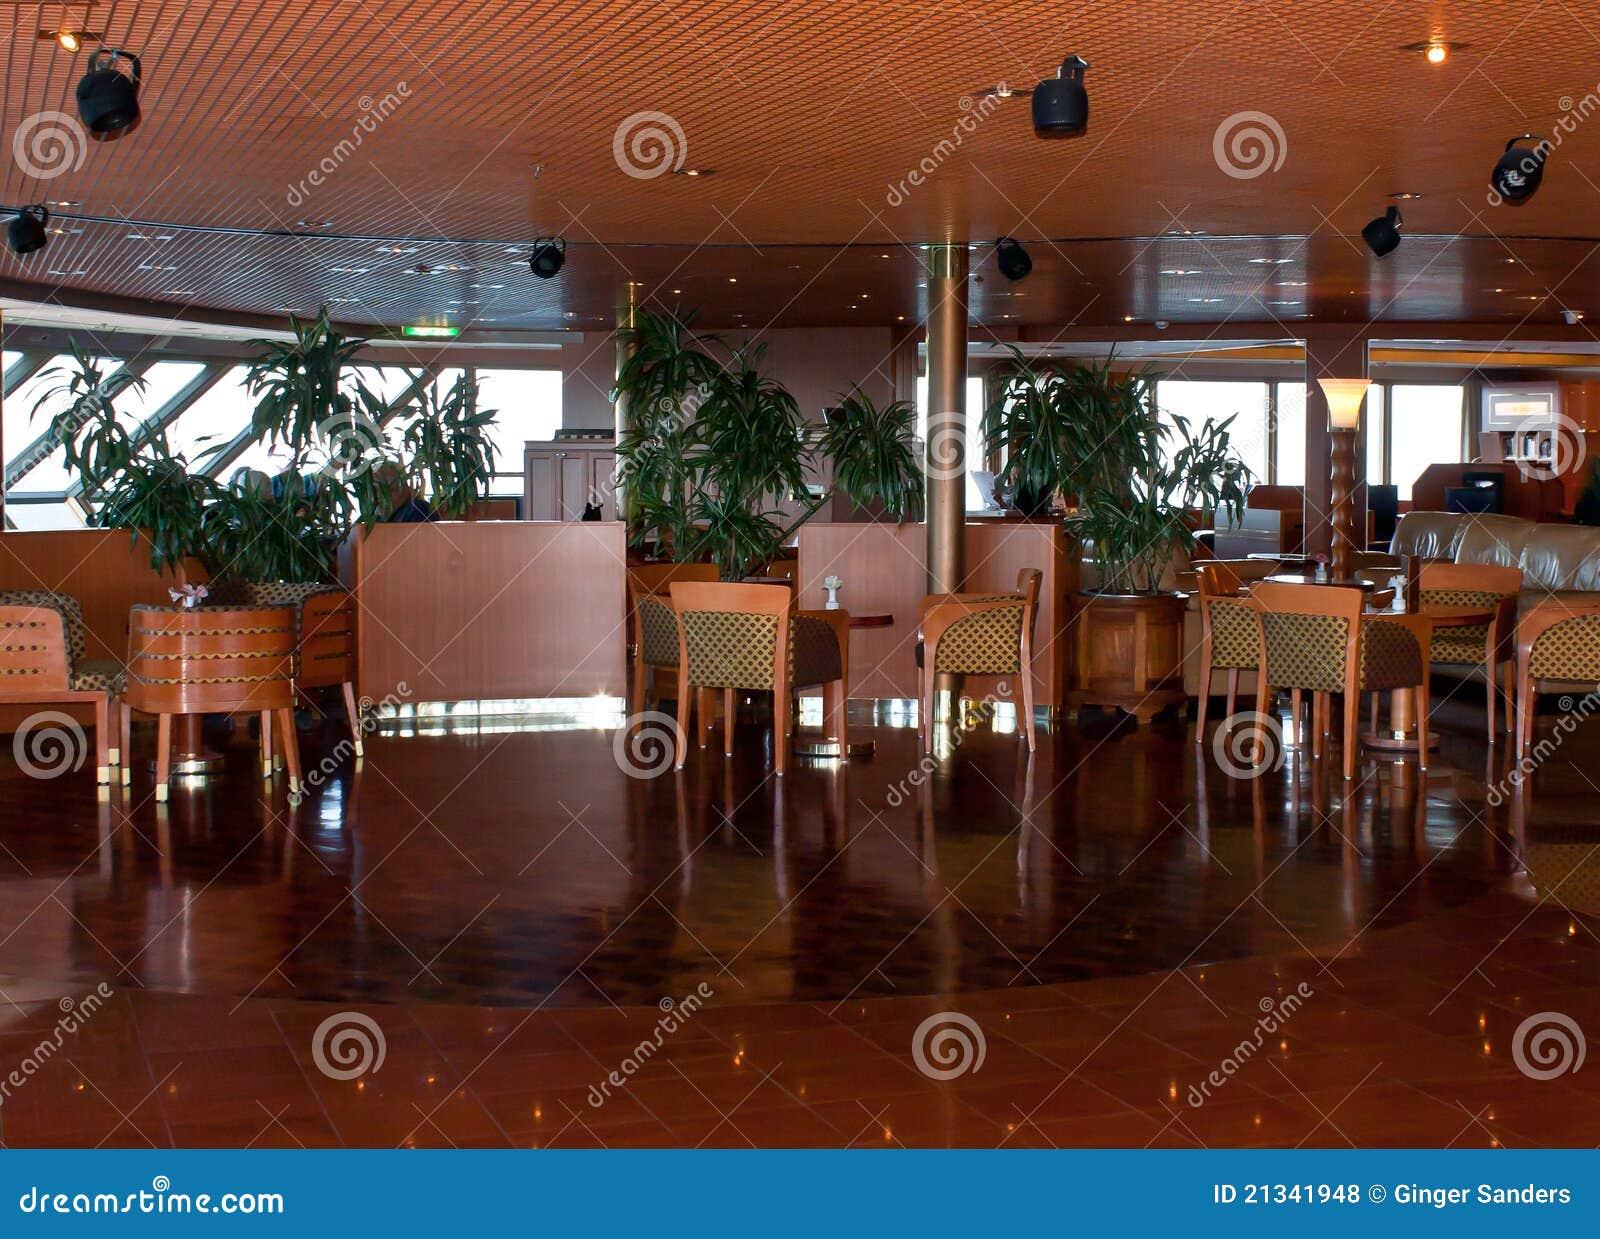 Elegant Cruise Ship Lounge